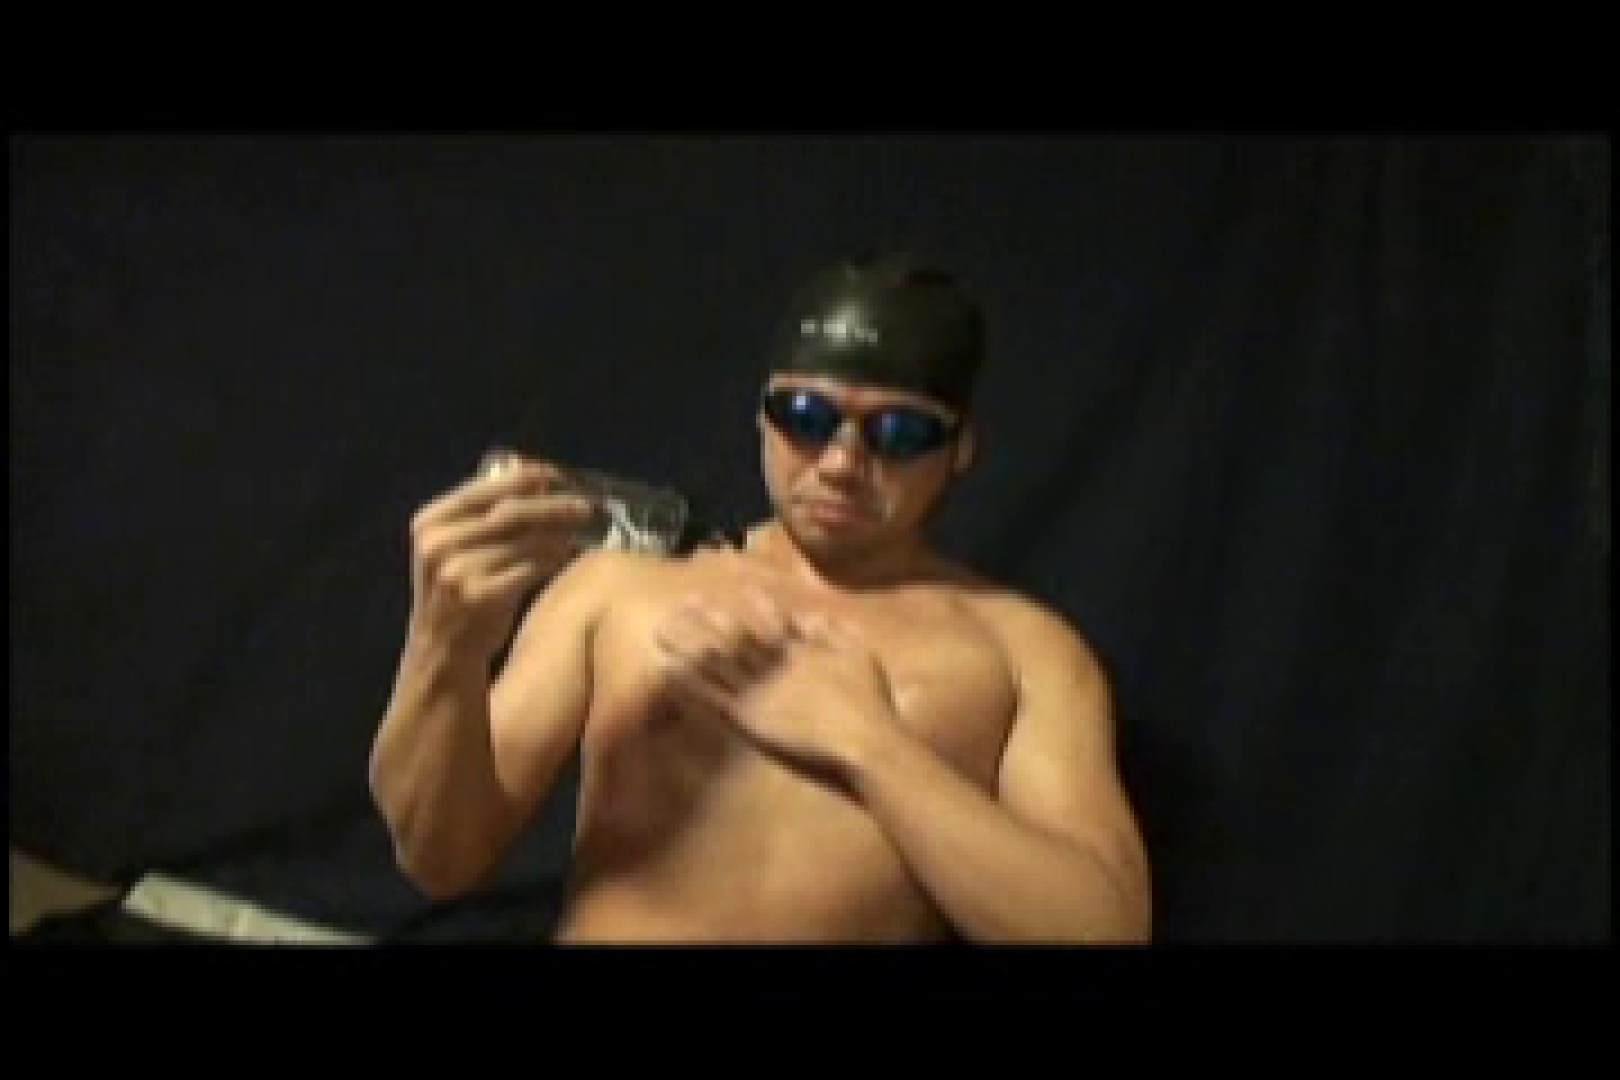 スジ筋ガチムチゴーグルマンvol6 ガチムチ   チンコ  68枚 1